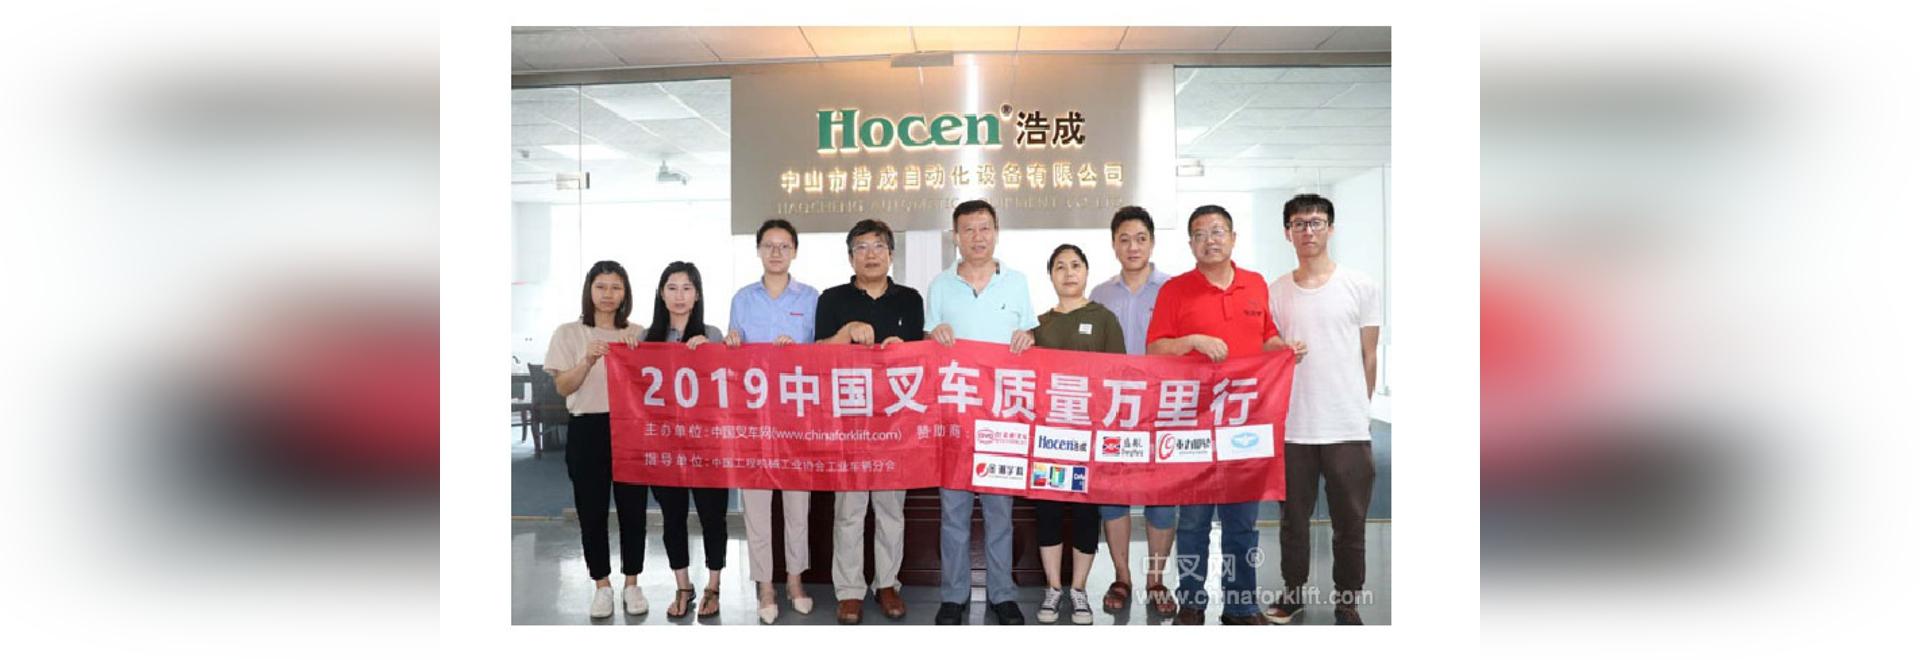 2019 China Forklift Long March à Zhongshan Haocheng (Chine)